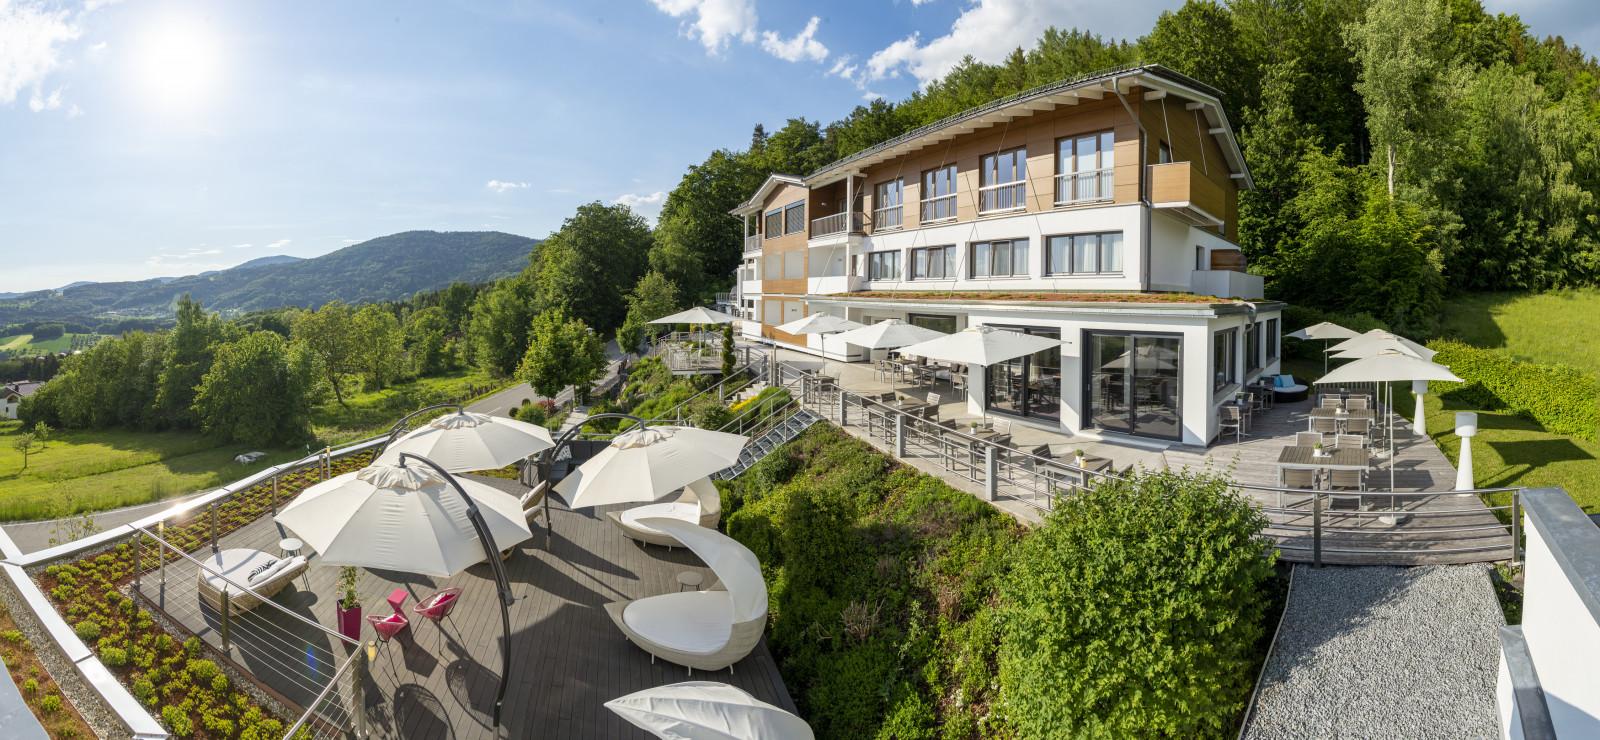 Thula Wellnesshotel Bayerischer Wald Bilder | Bild 1